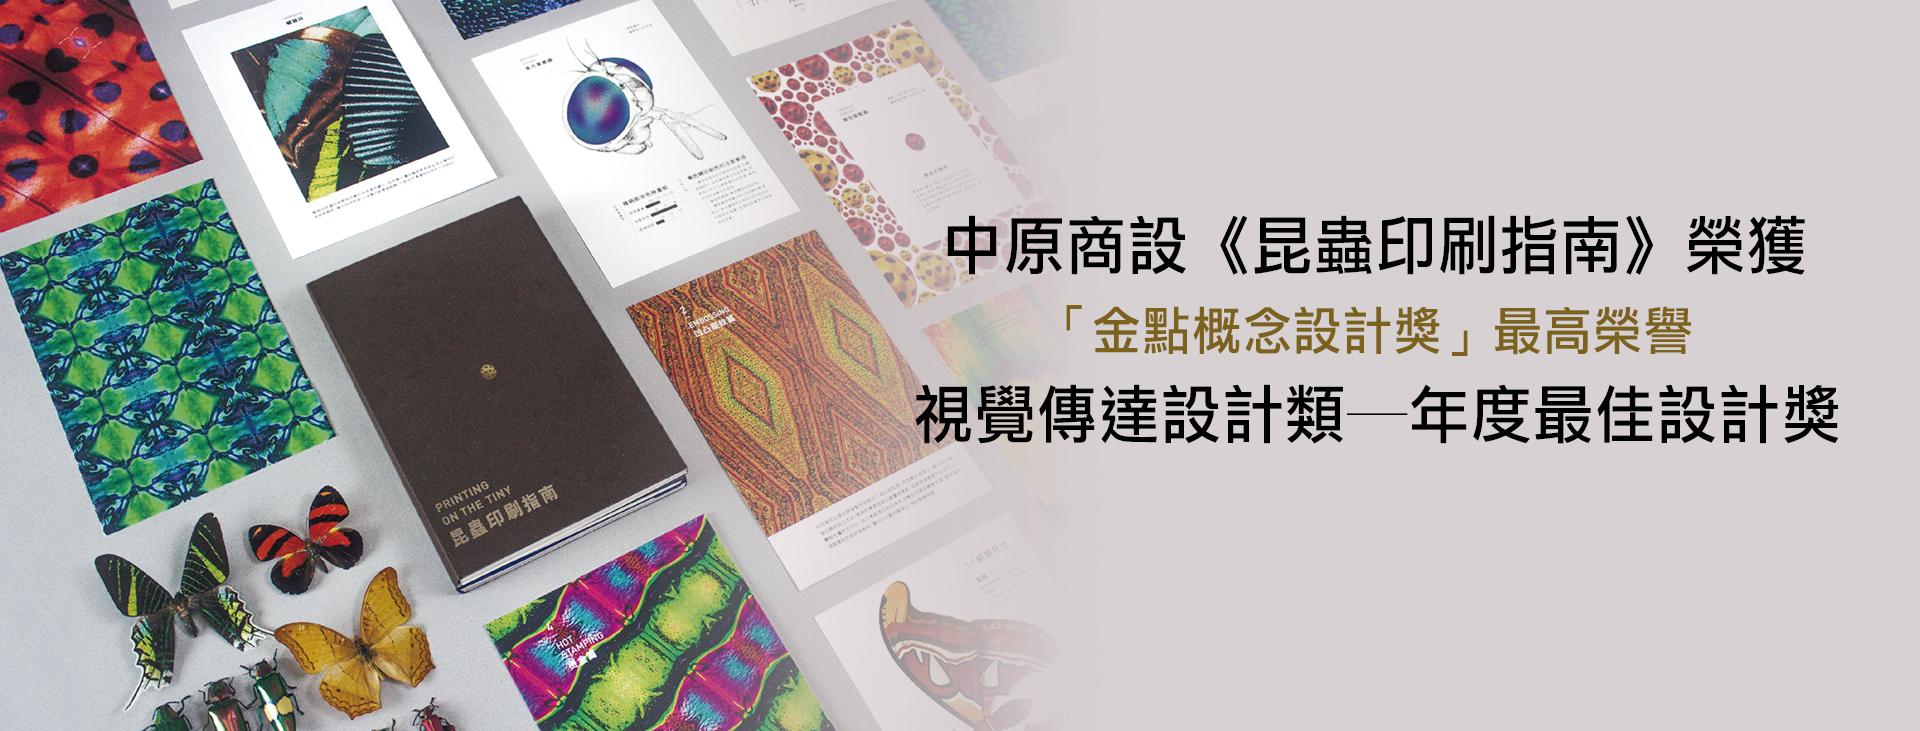 中原大學商設系《昆蟲印刷指南》榮獲2018「金點概念設計獎」年度最佳設計獎